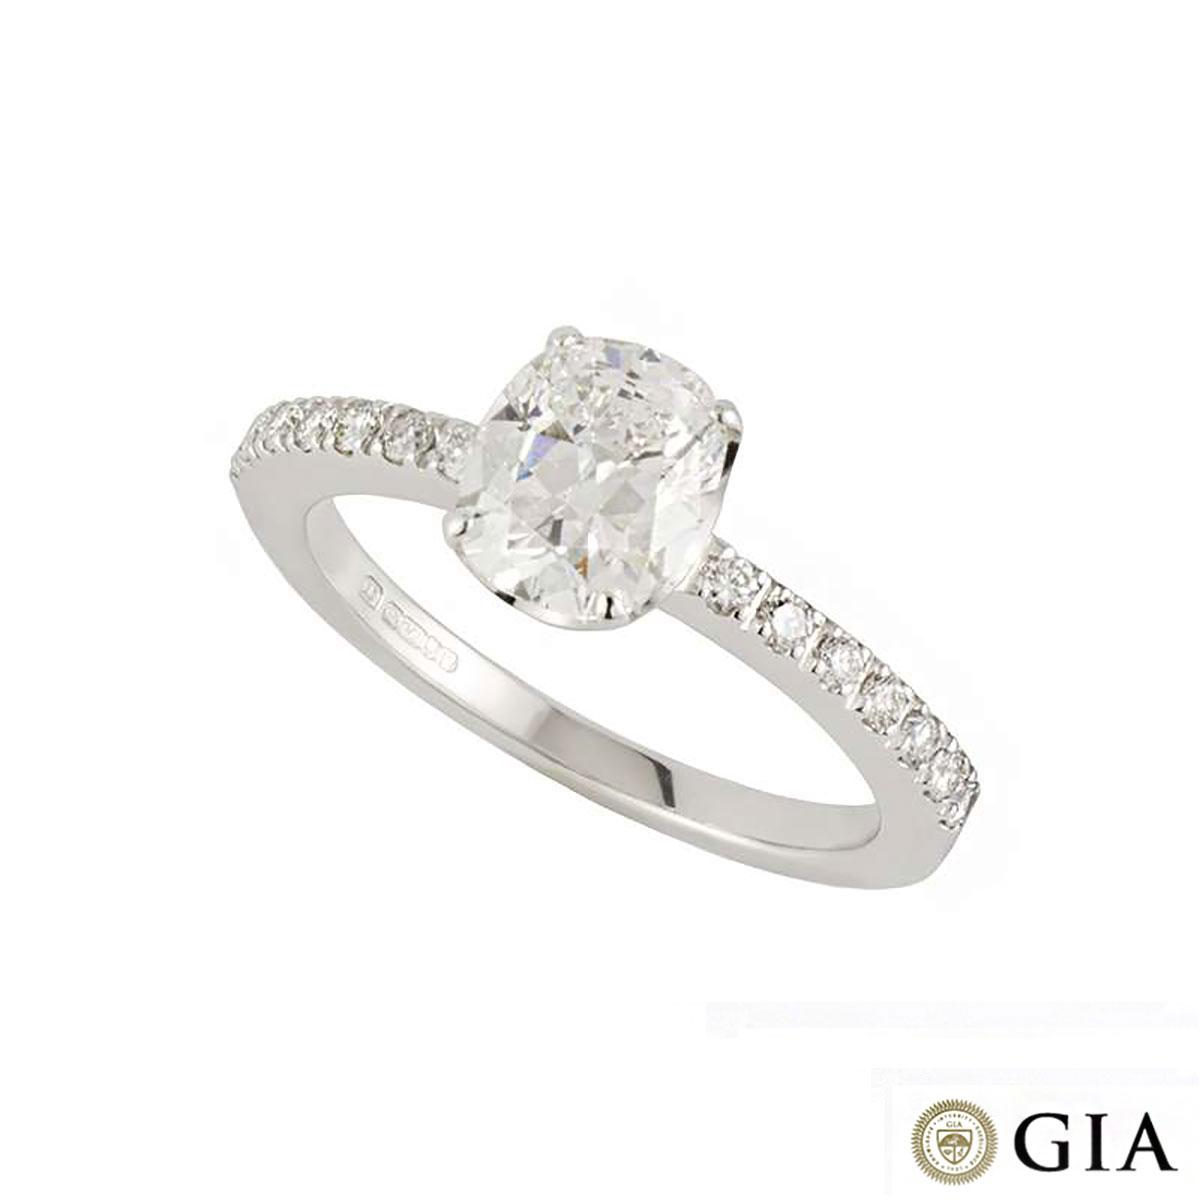 18k White Gold Cushion Cut Diamond Ring 1.25ct E/VS1